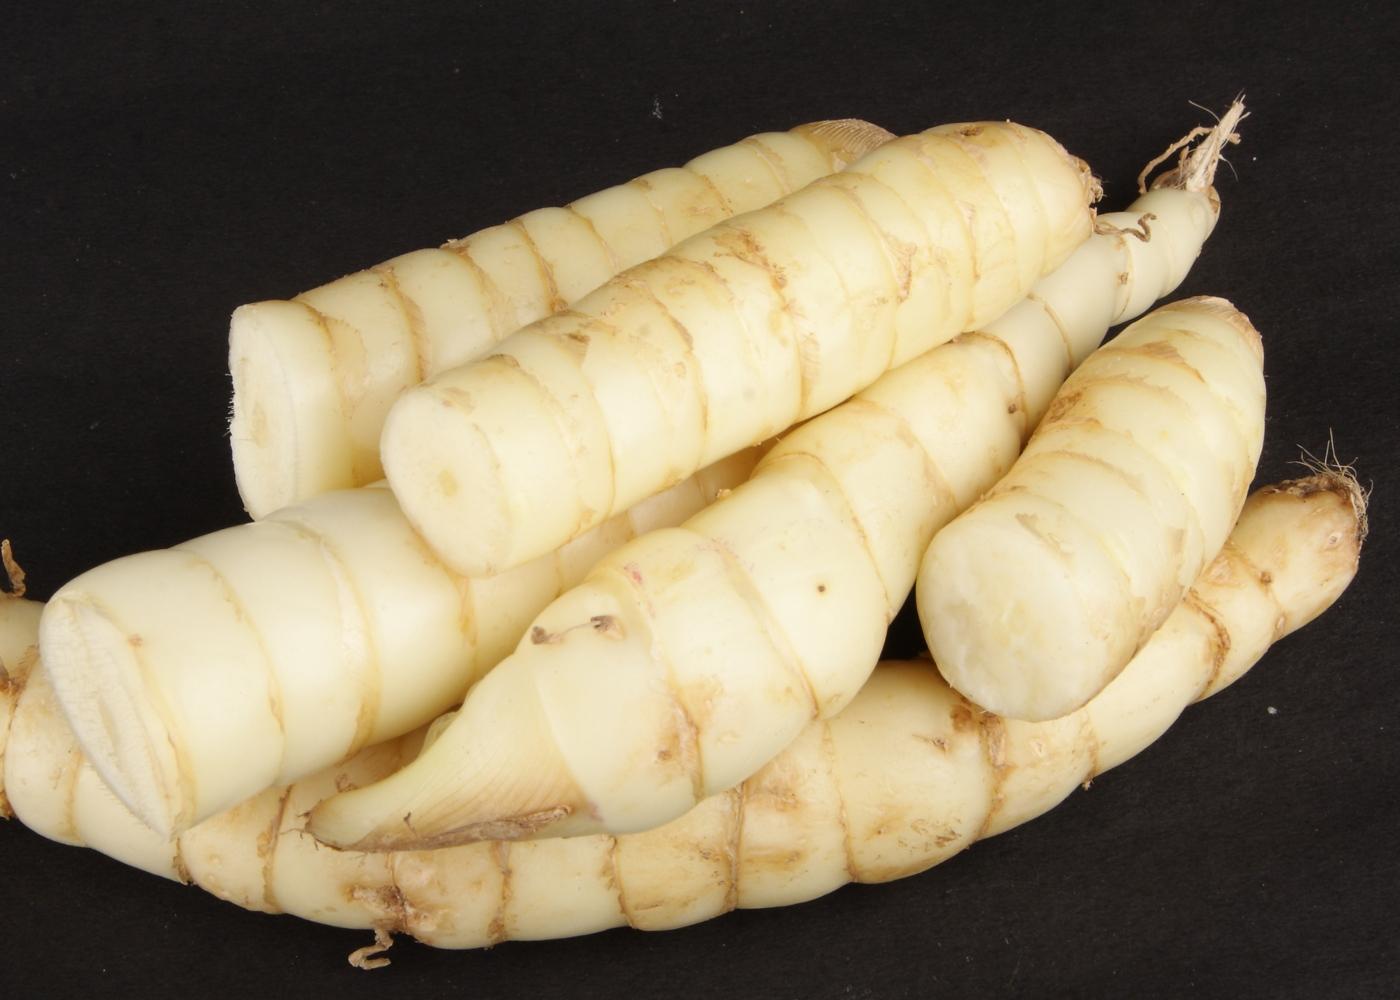 alimentos naturalmente sem glúten que substituem a farinha de trigo: araruta